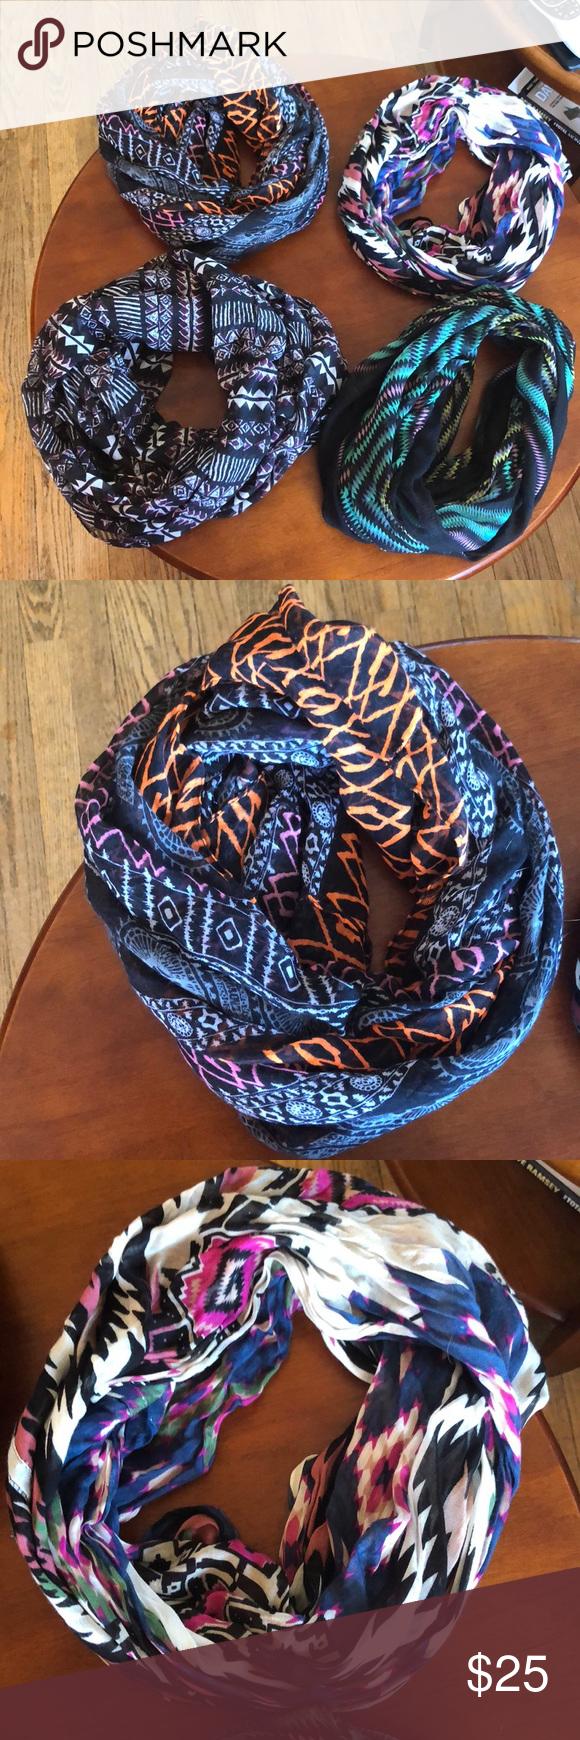 Buy get zumiezs scarfs four brand new printed infinity scarfs